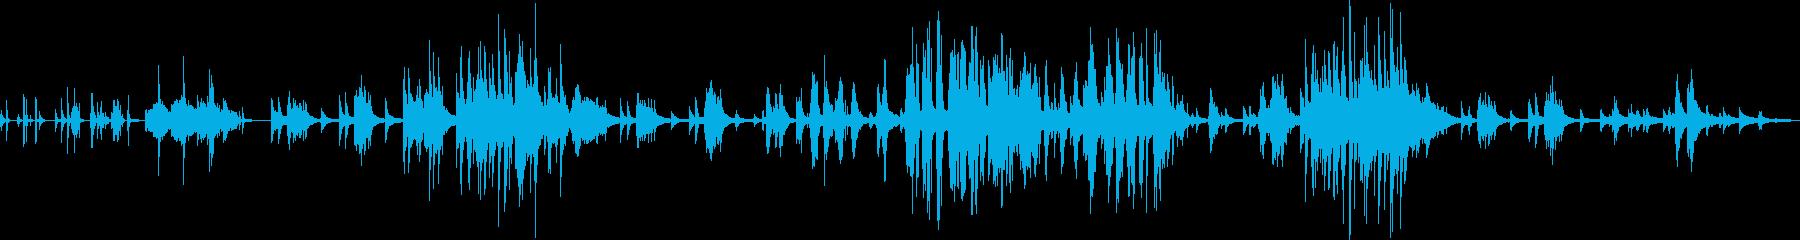 海中のようなリラックスできるピアノソロ曲の再生済みの波形